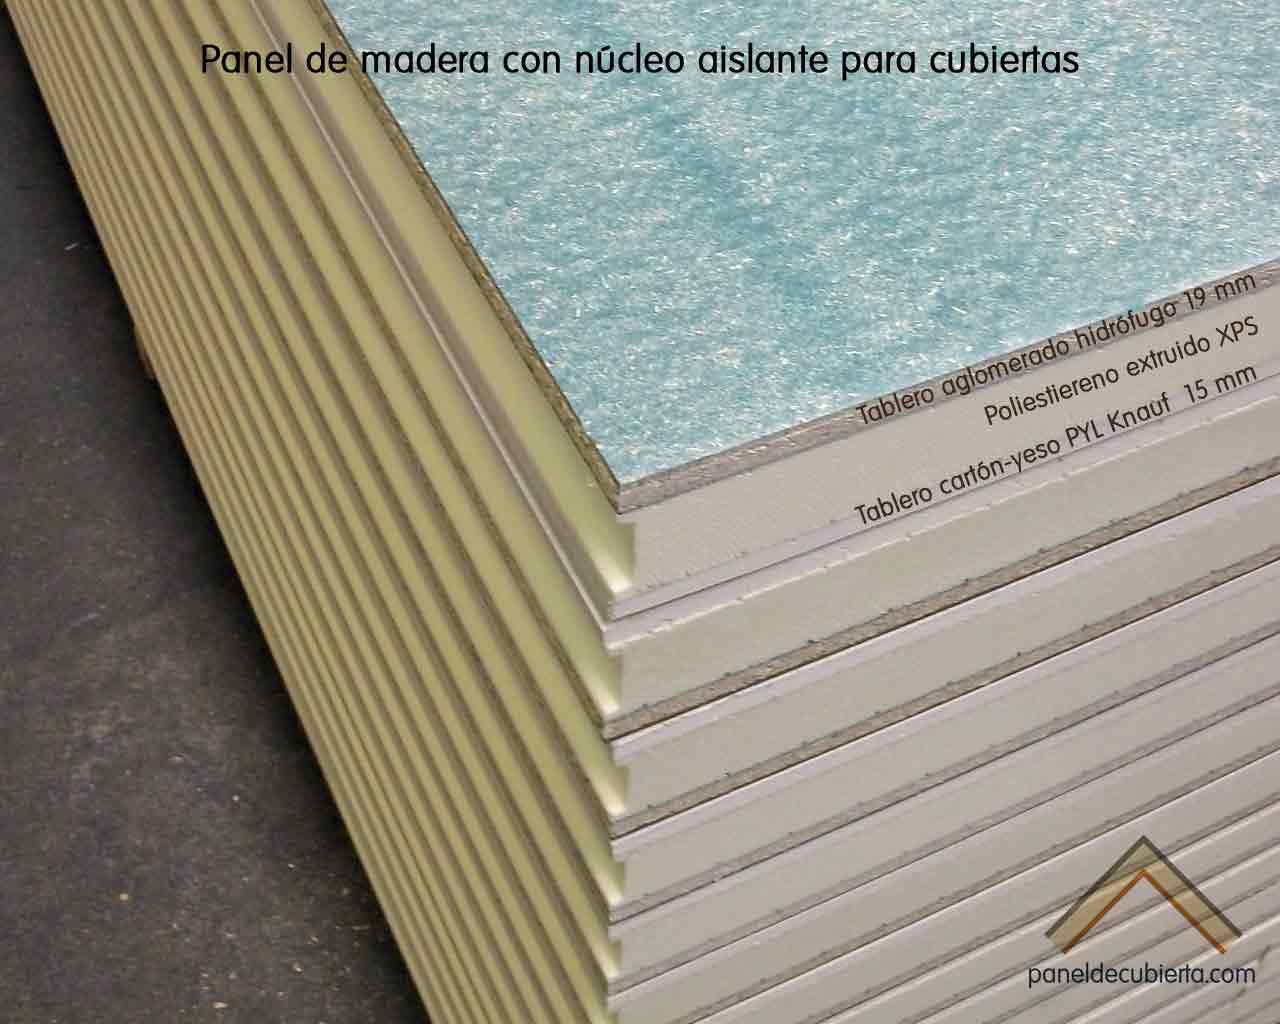 Panel de madera para cubierta con núcleo aislante y tablero superior de aglomerado hidrófugo 19 mm. Detalle de machihembrado entre paneles.